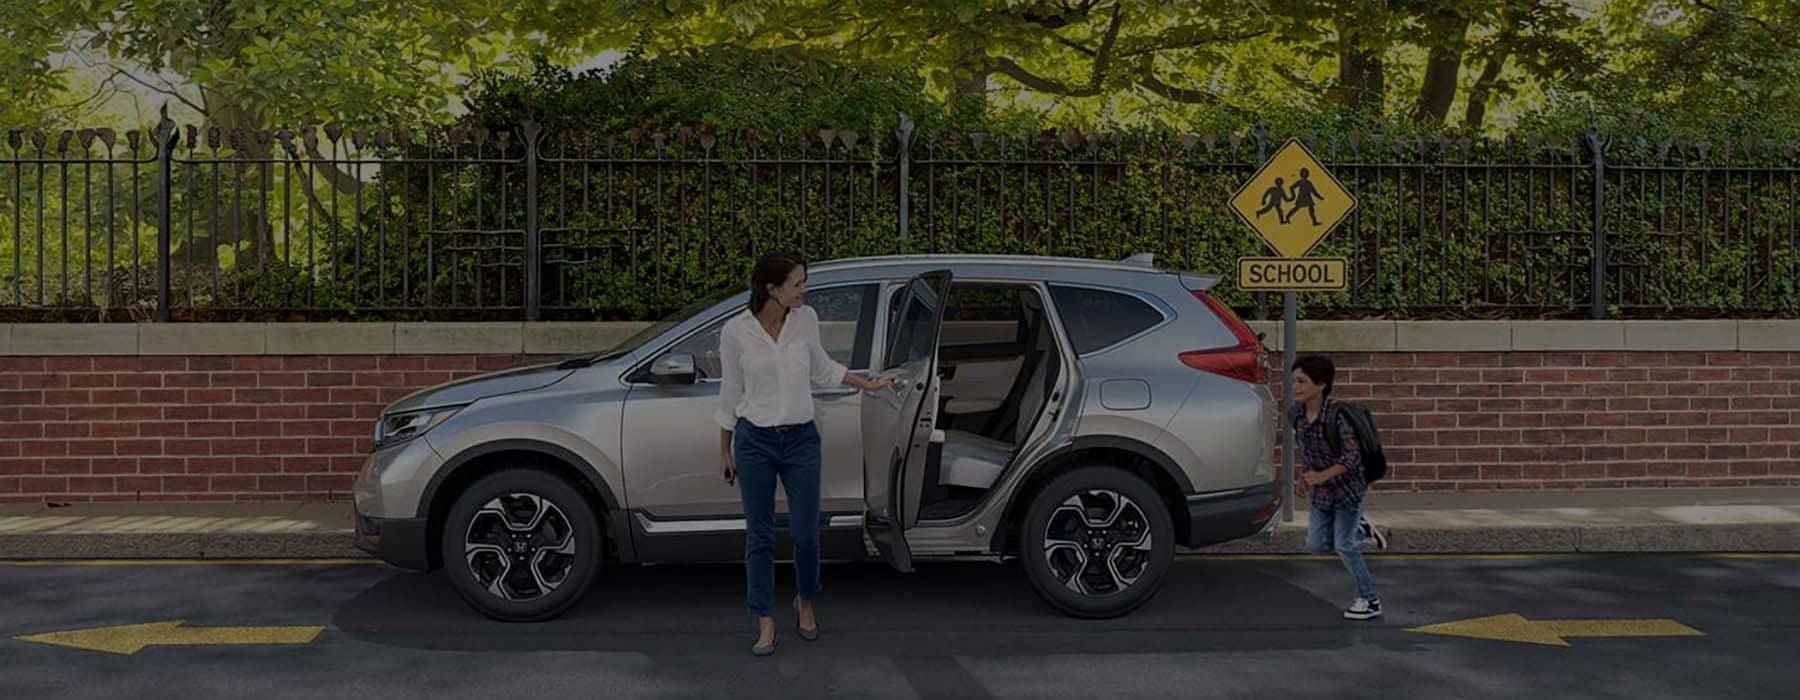 2019 Honda CR-V At School Crossing